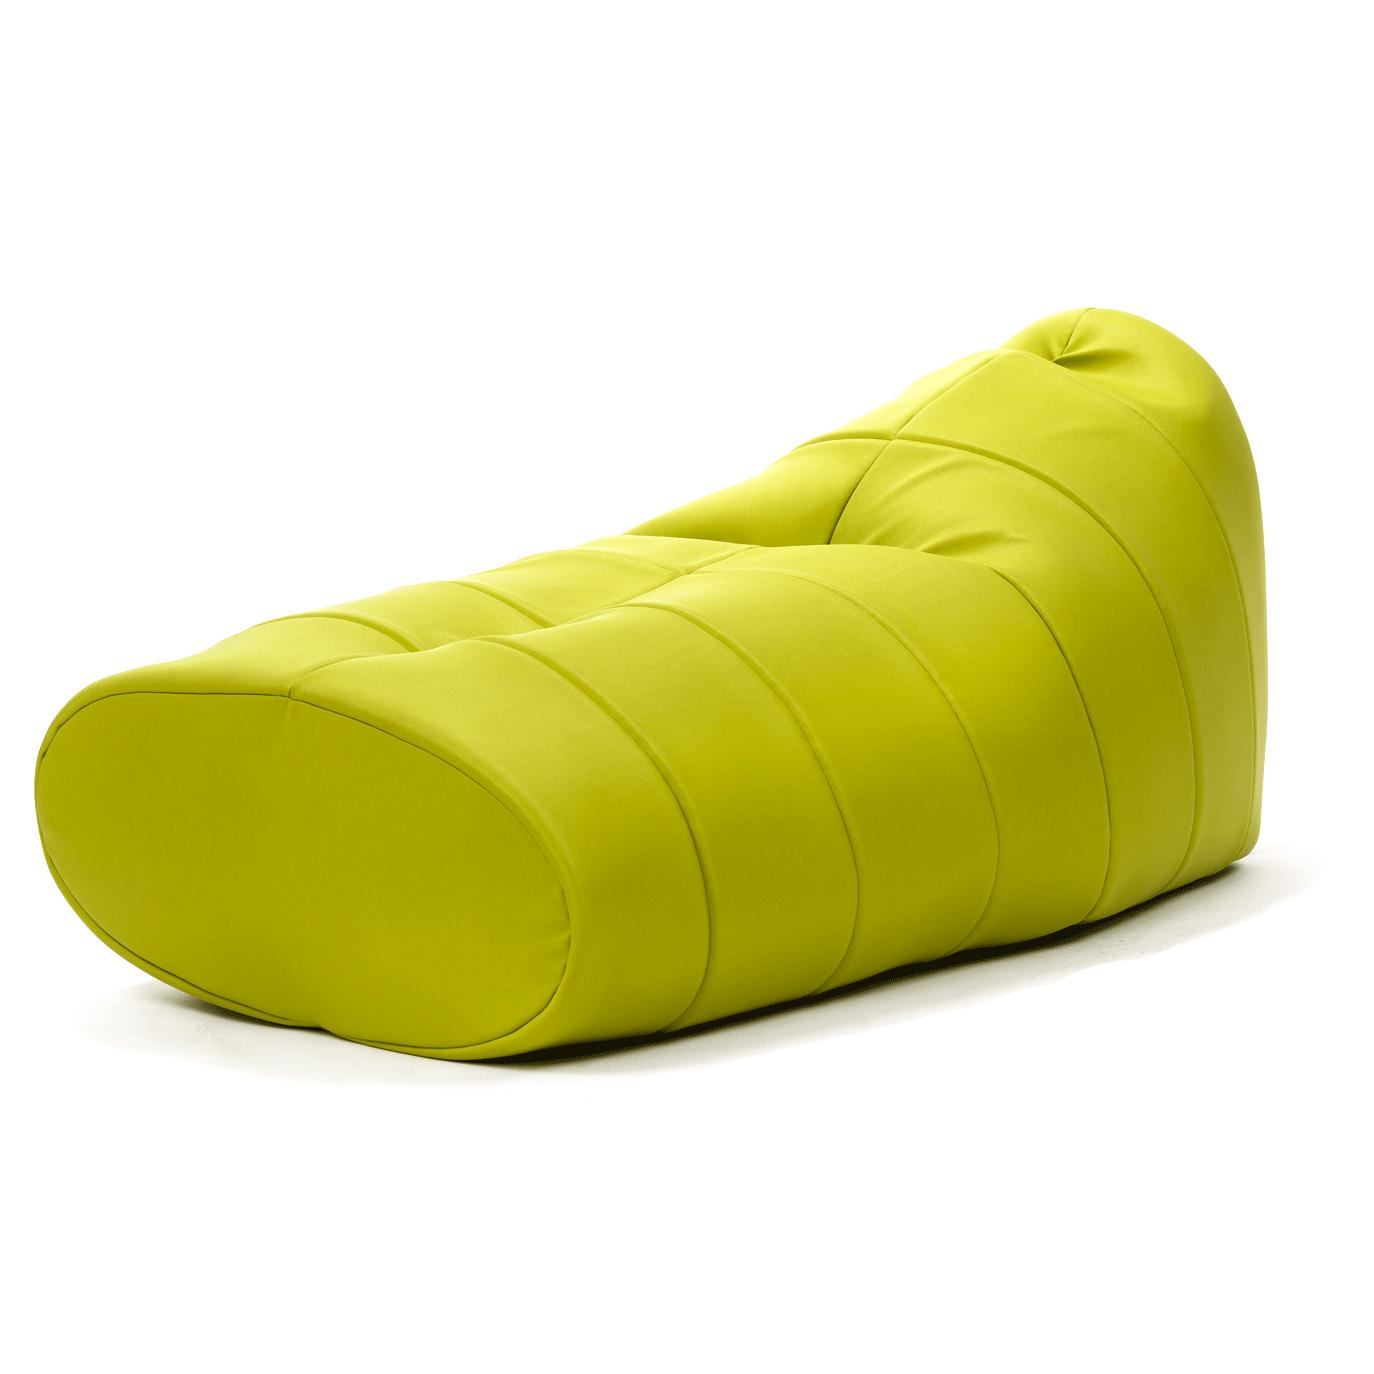 Кресло-мешок Sitt кресло мешок купить в магазине